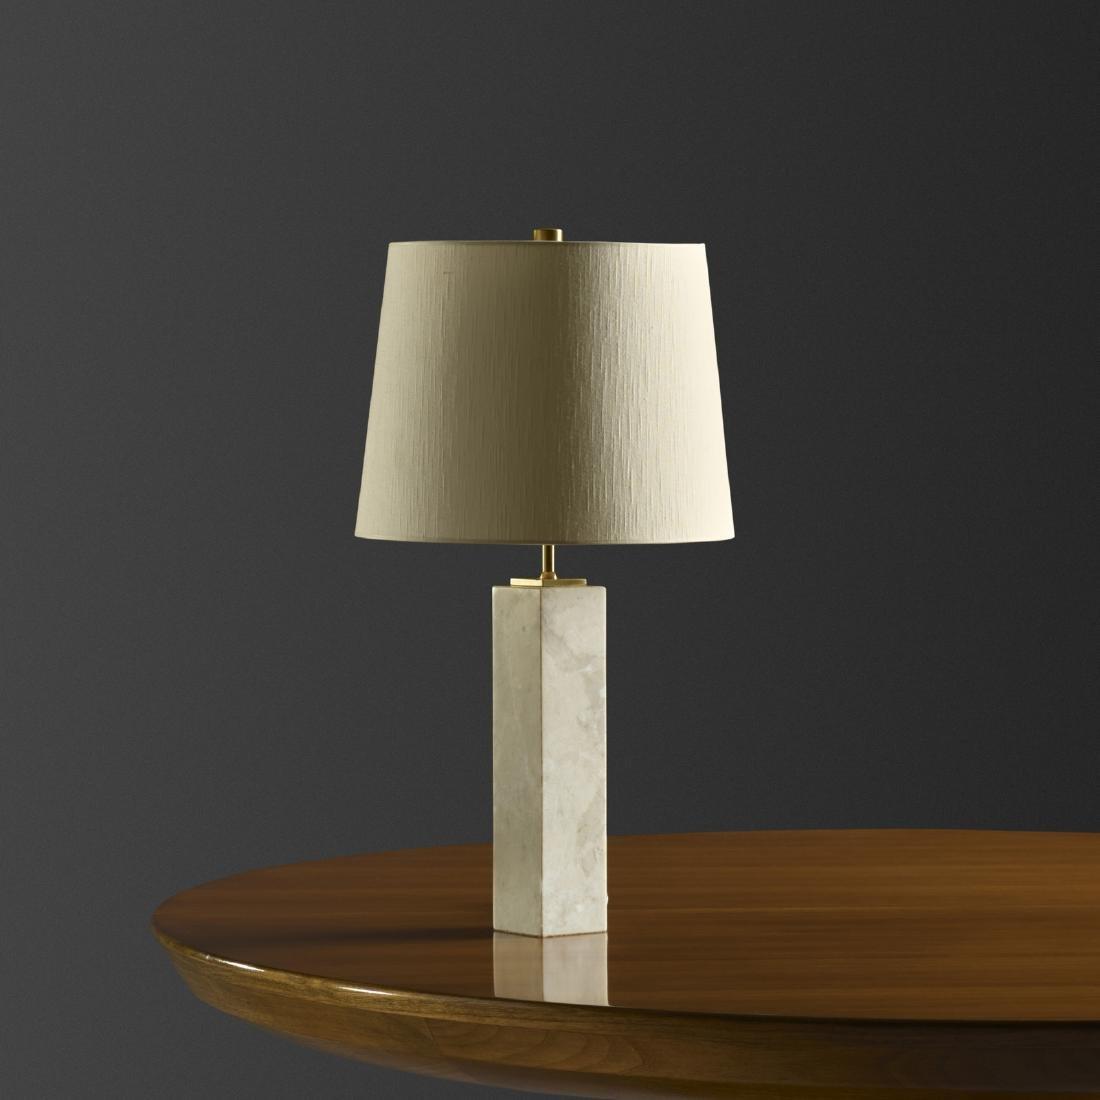 T.H. Robsjohn-Gibbings, table lamp, model no. 303